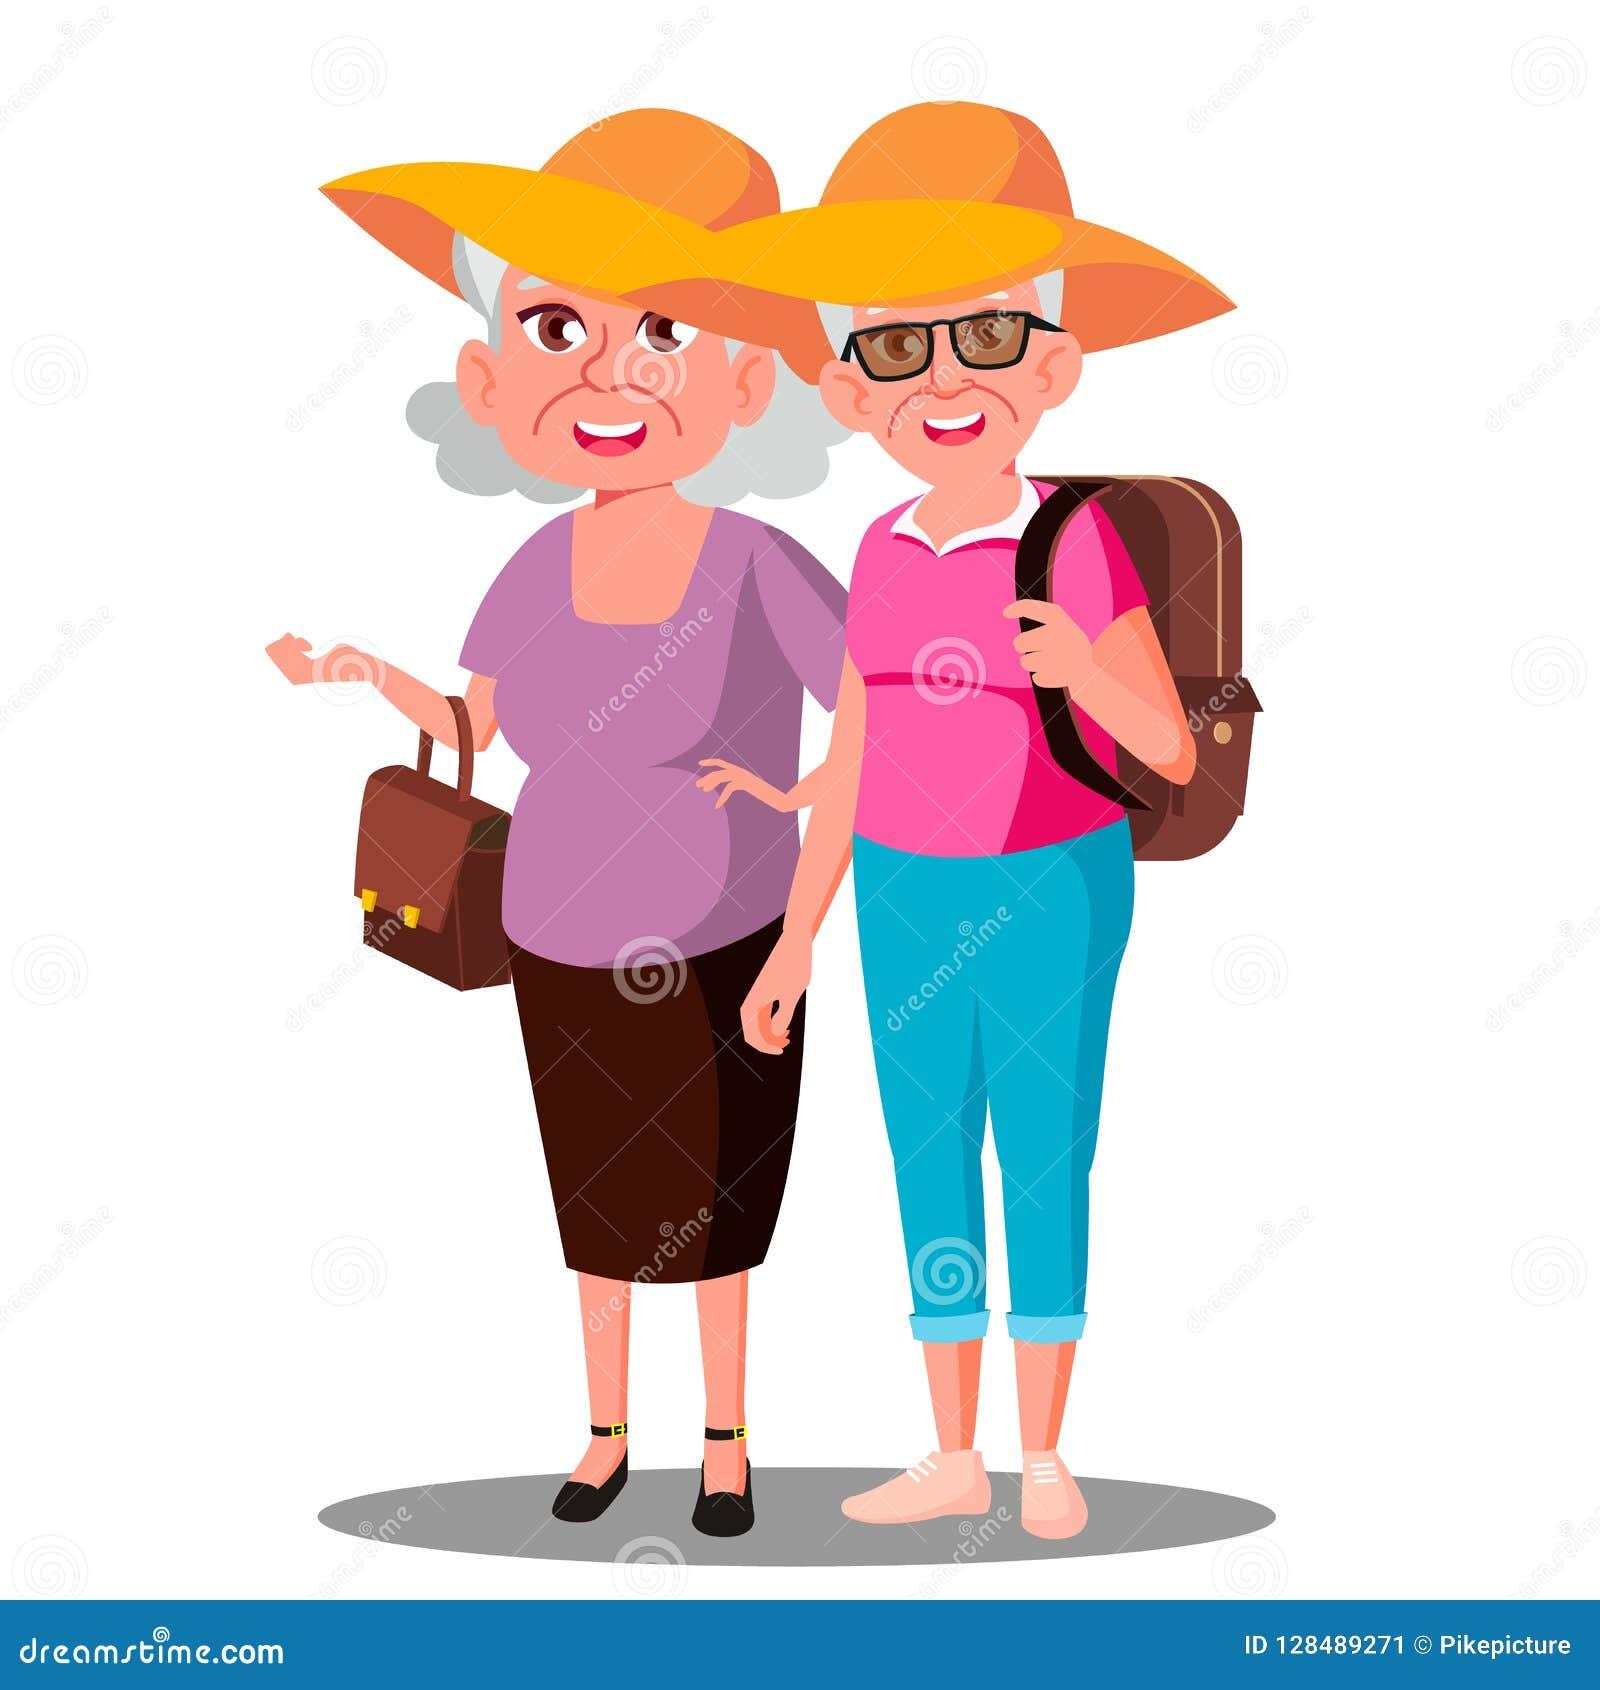 Dwa stara kobieta przyjaciela W kapeluszu Enjoing wakacje wektorze button ręce s push odizolowana początku ilustracyjna kobieta